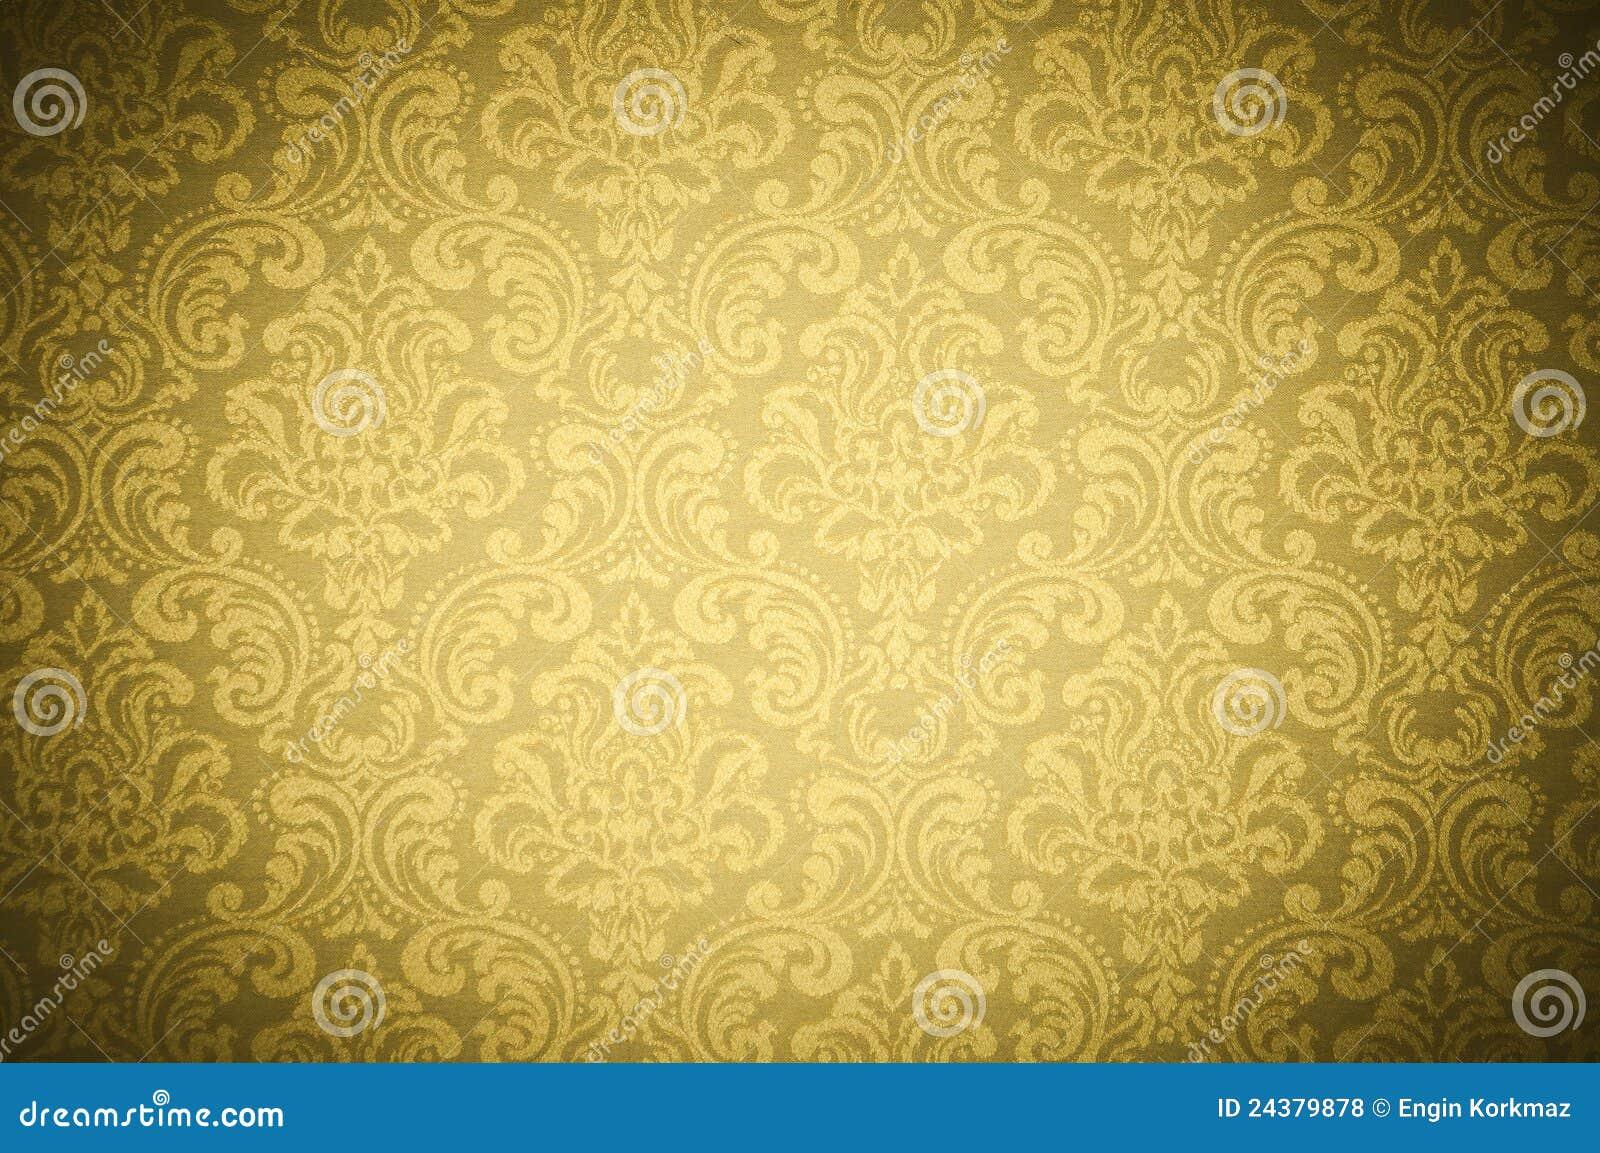 纹理墙纸黄色